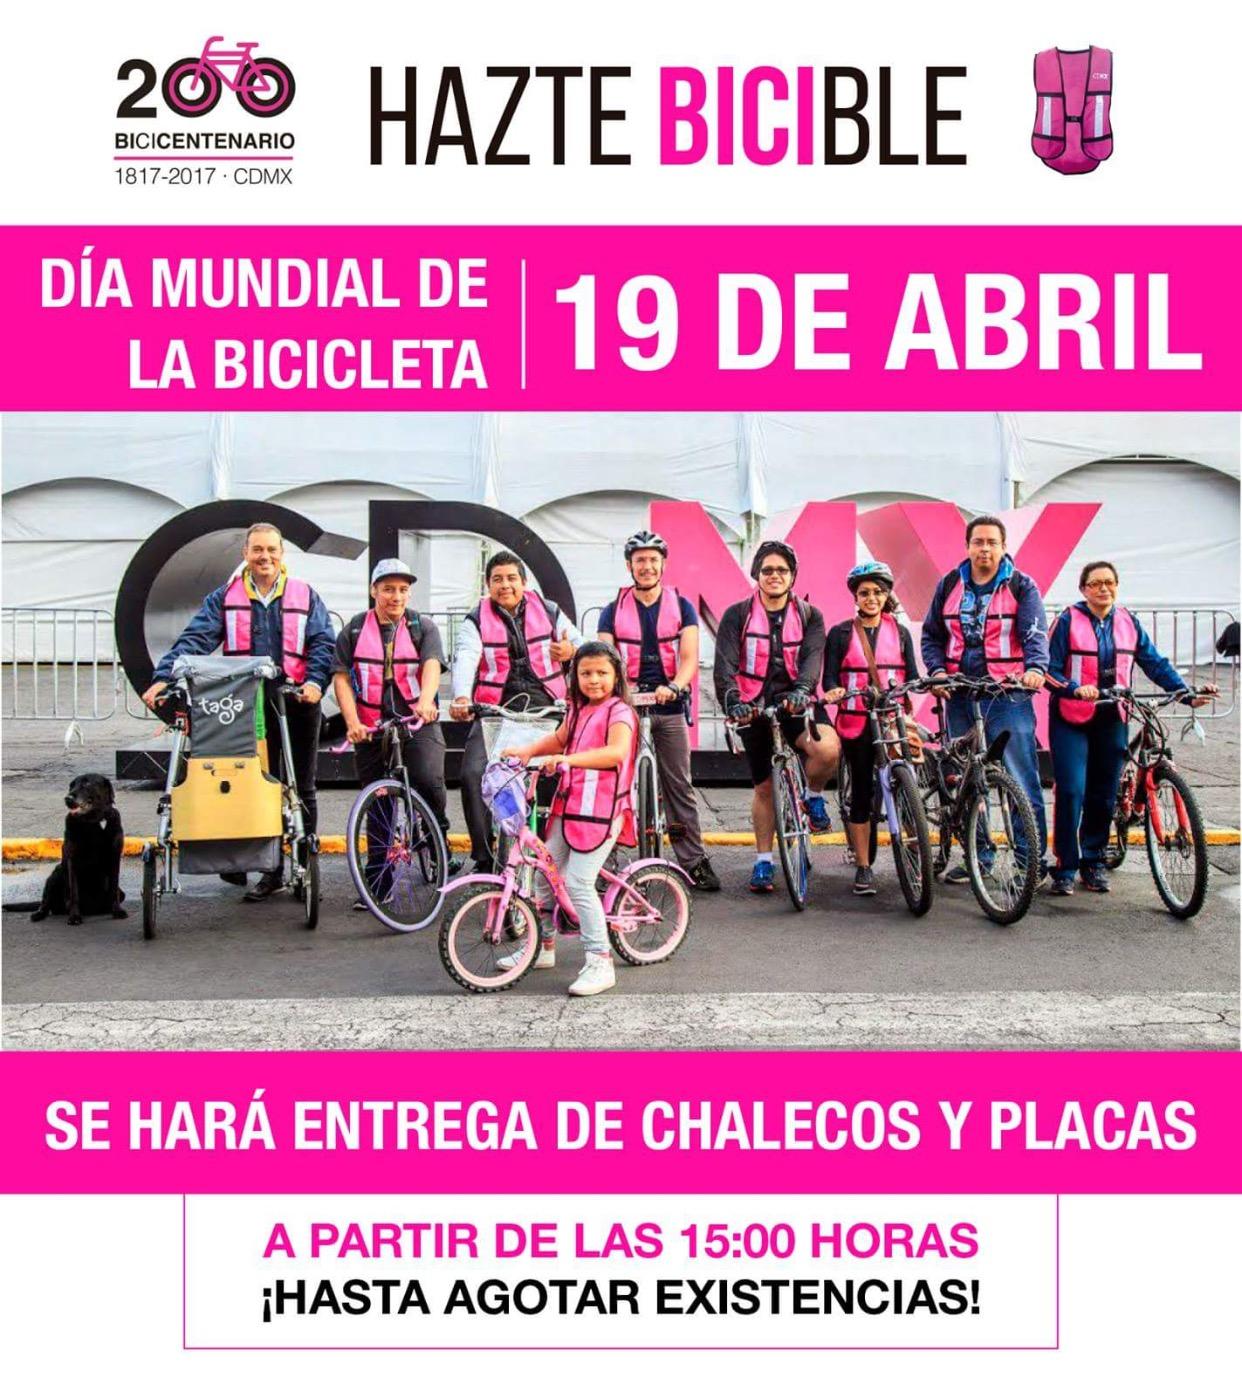 CDMX: Hazte bicible, chalecos y placas gratis para bicicletas